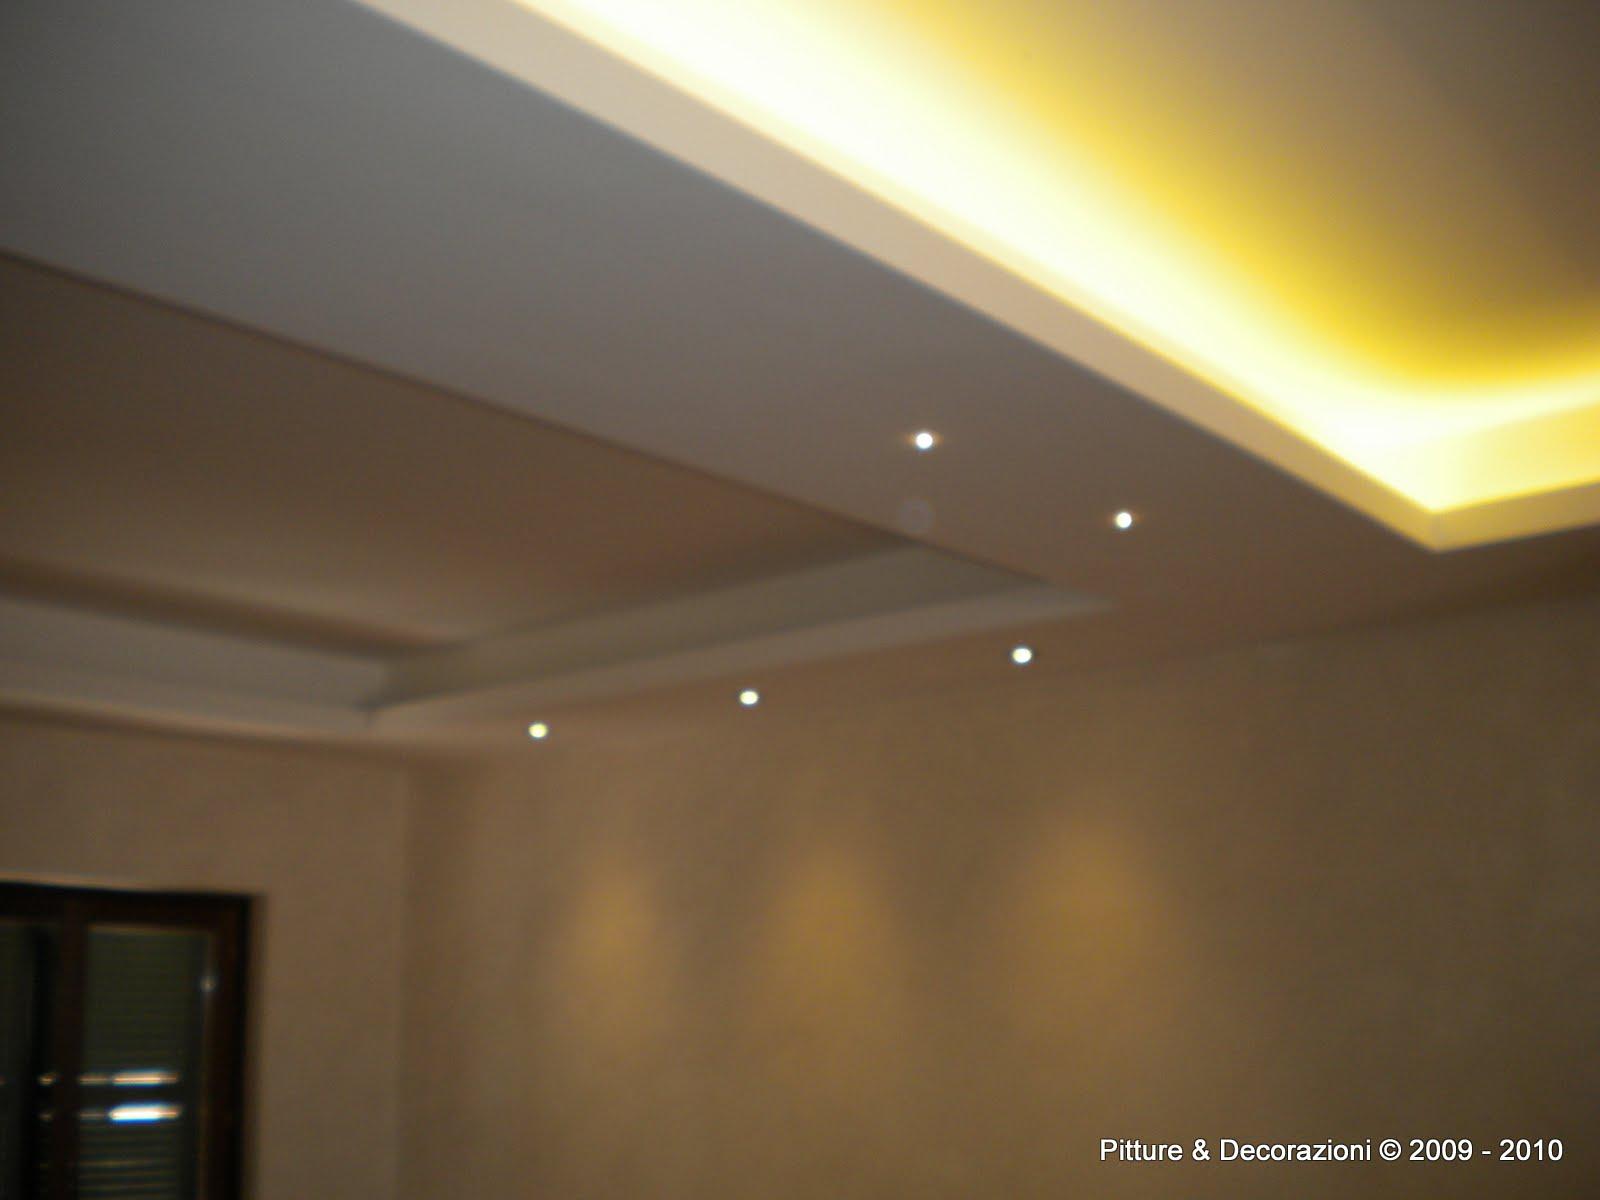 Pitture particolari per interni decorazioni ad effetto - Pitture particolari per pareti ...